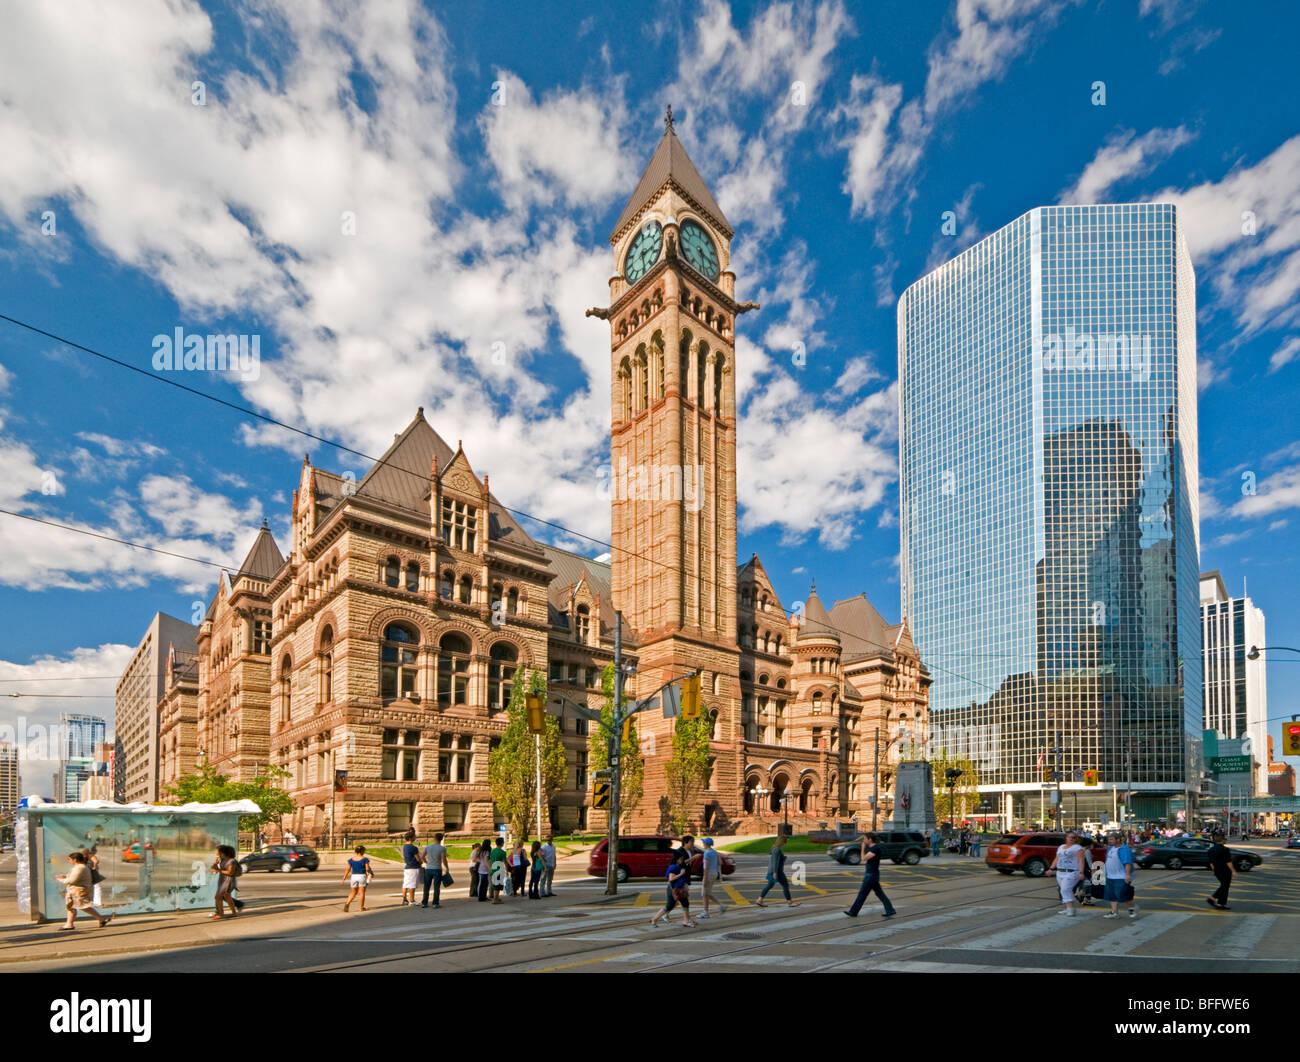 Ayuntamiento Viejo, en la esquina de Queen Street West & Bay Street, Toronto, Ontario, Canadá, Norteamérica Imagen De Stock